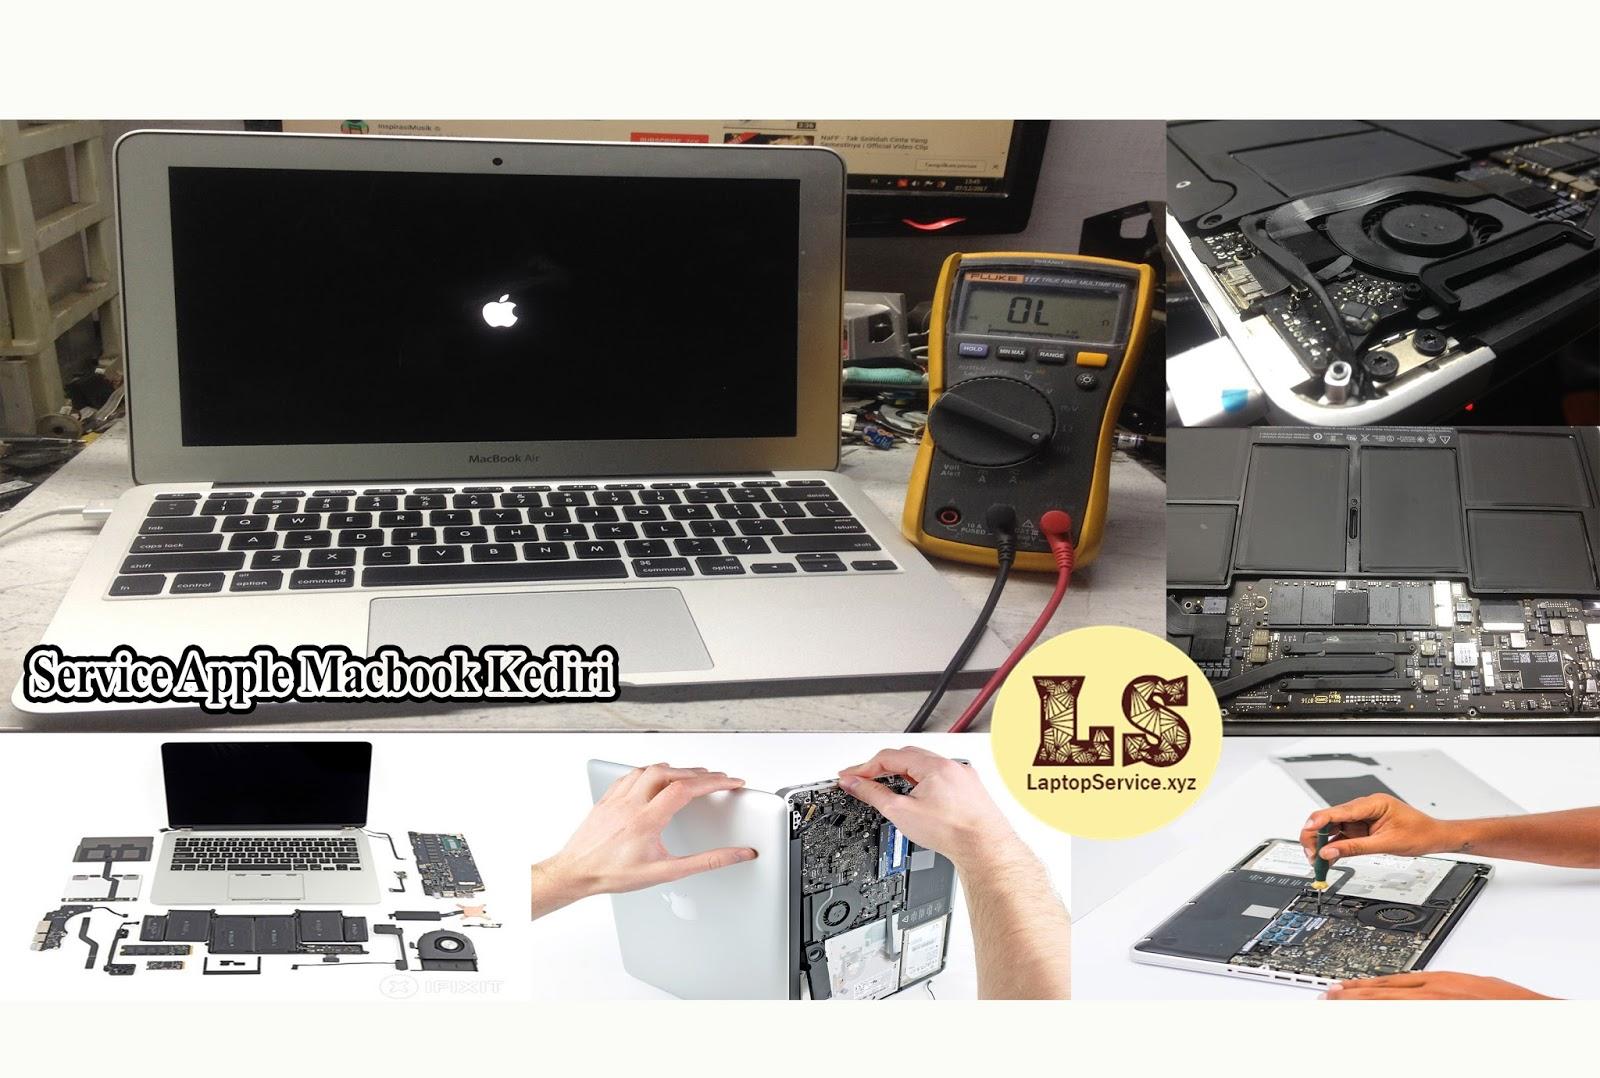 Tempat toko perbaikan service apple macbook termurah di kediri